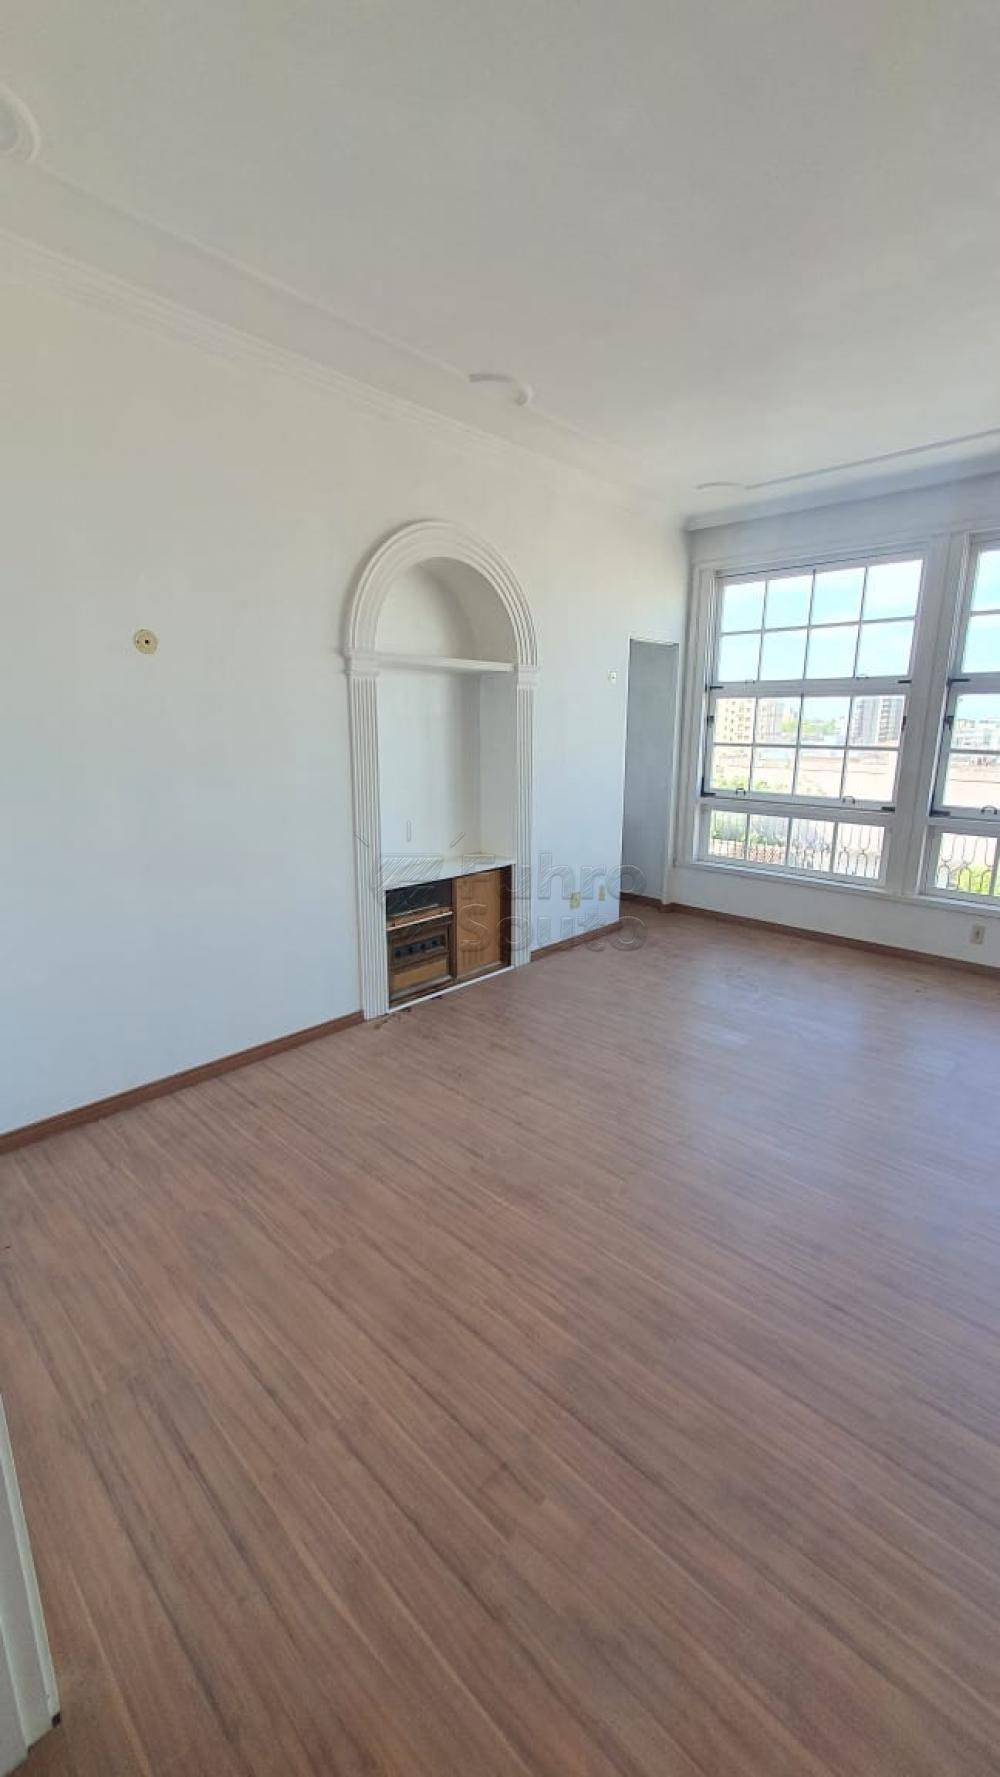 Comprar Apartamento / Padrão em Pelotas R$ 420.000,00 - Foto 4